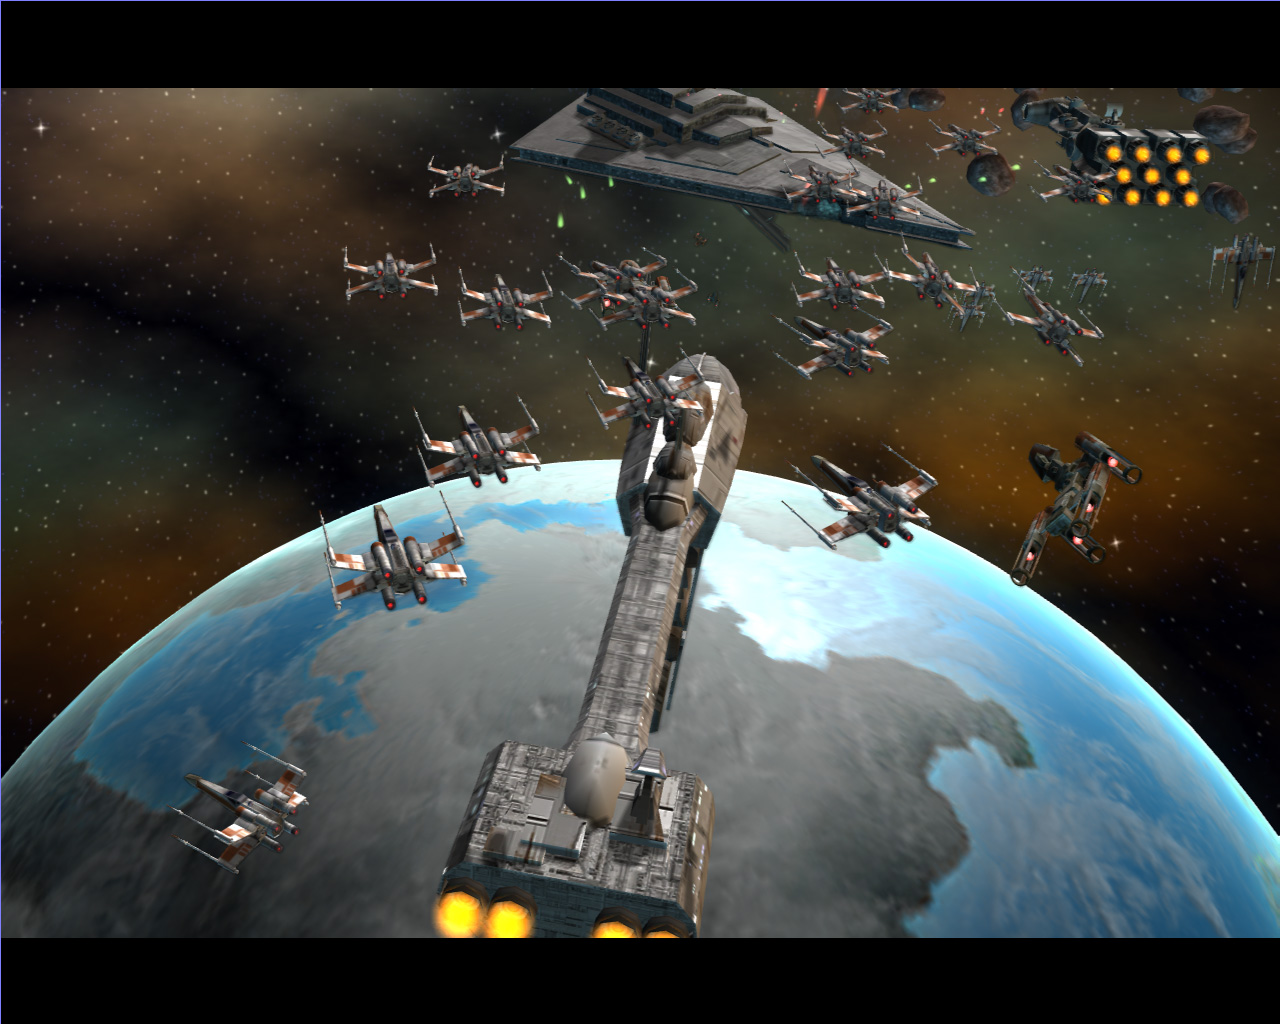 反乱同盟軍はXウィングやアサルト・スピーダーのような,機動力があって小型の兵器が中心。奇襲にも長けている